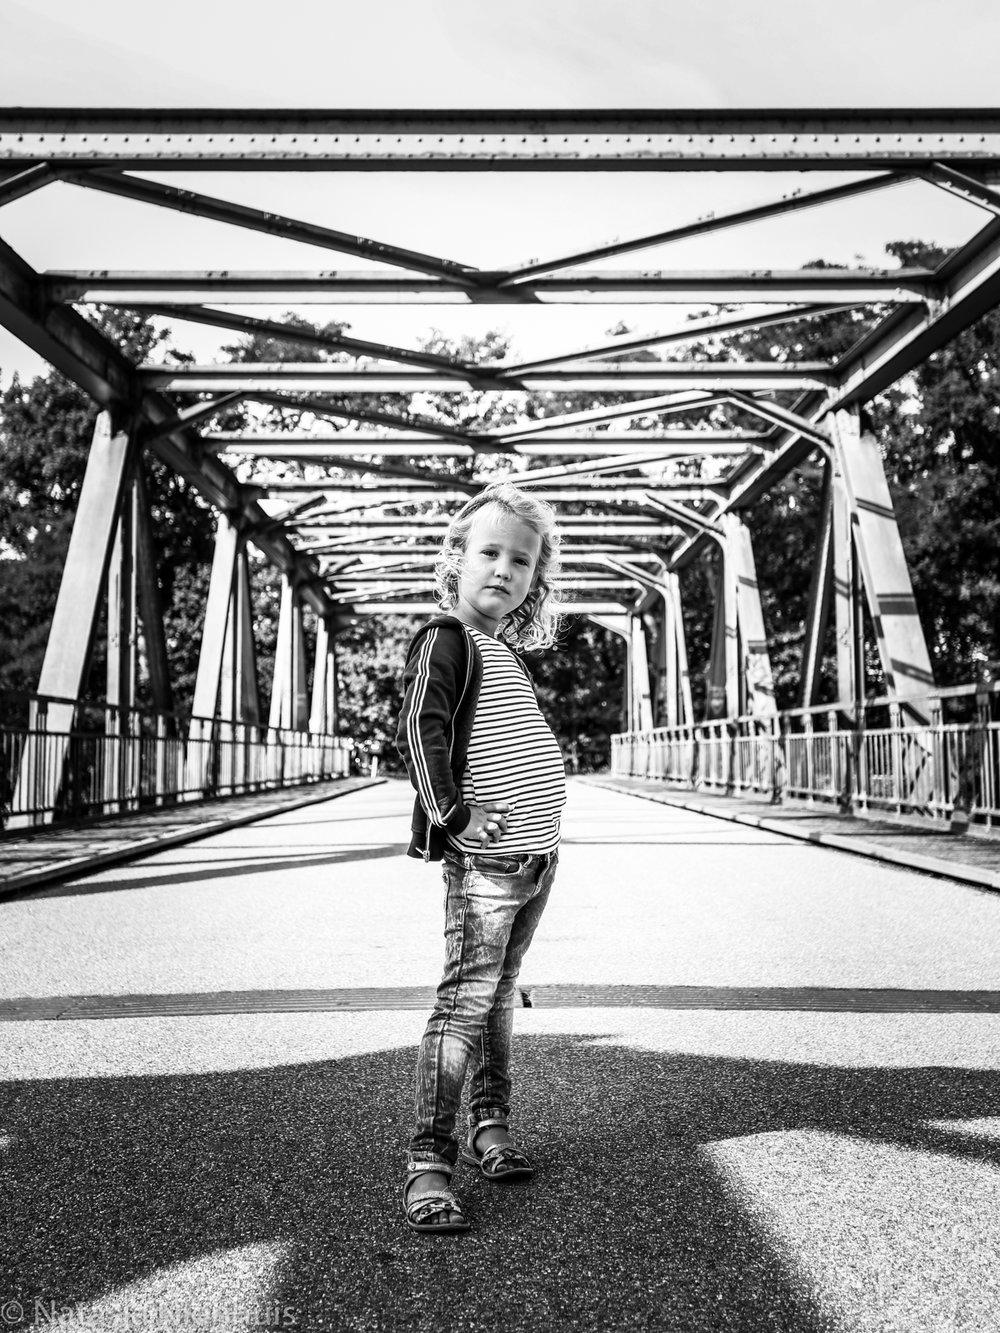 Natasja_Nienhuis_Fotografie-1003.jpg